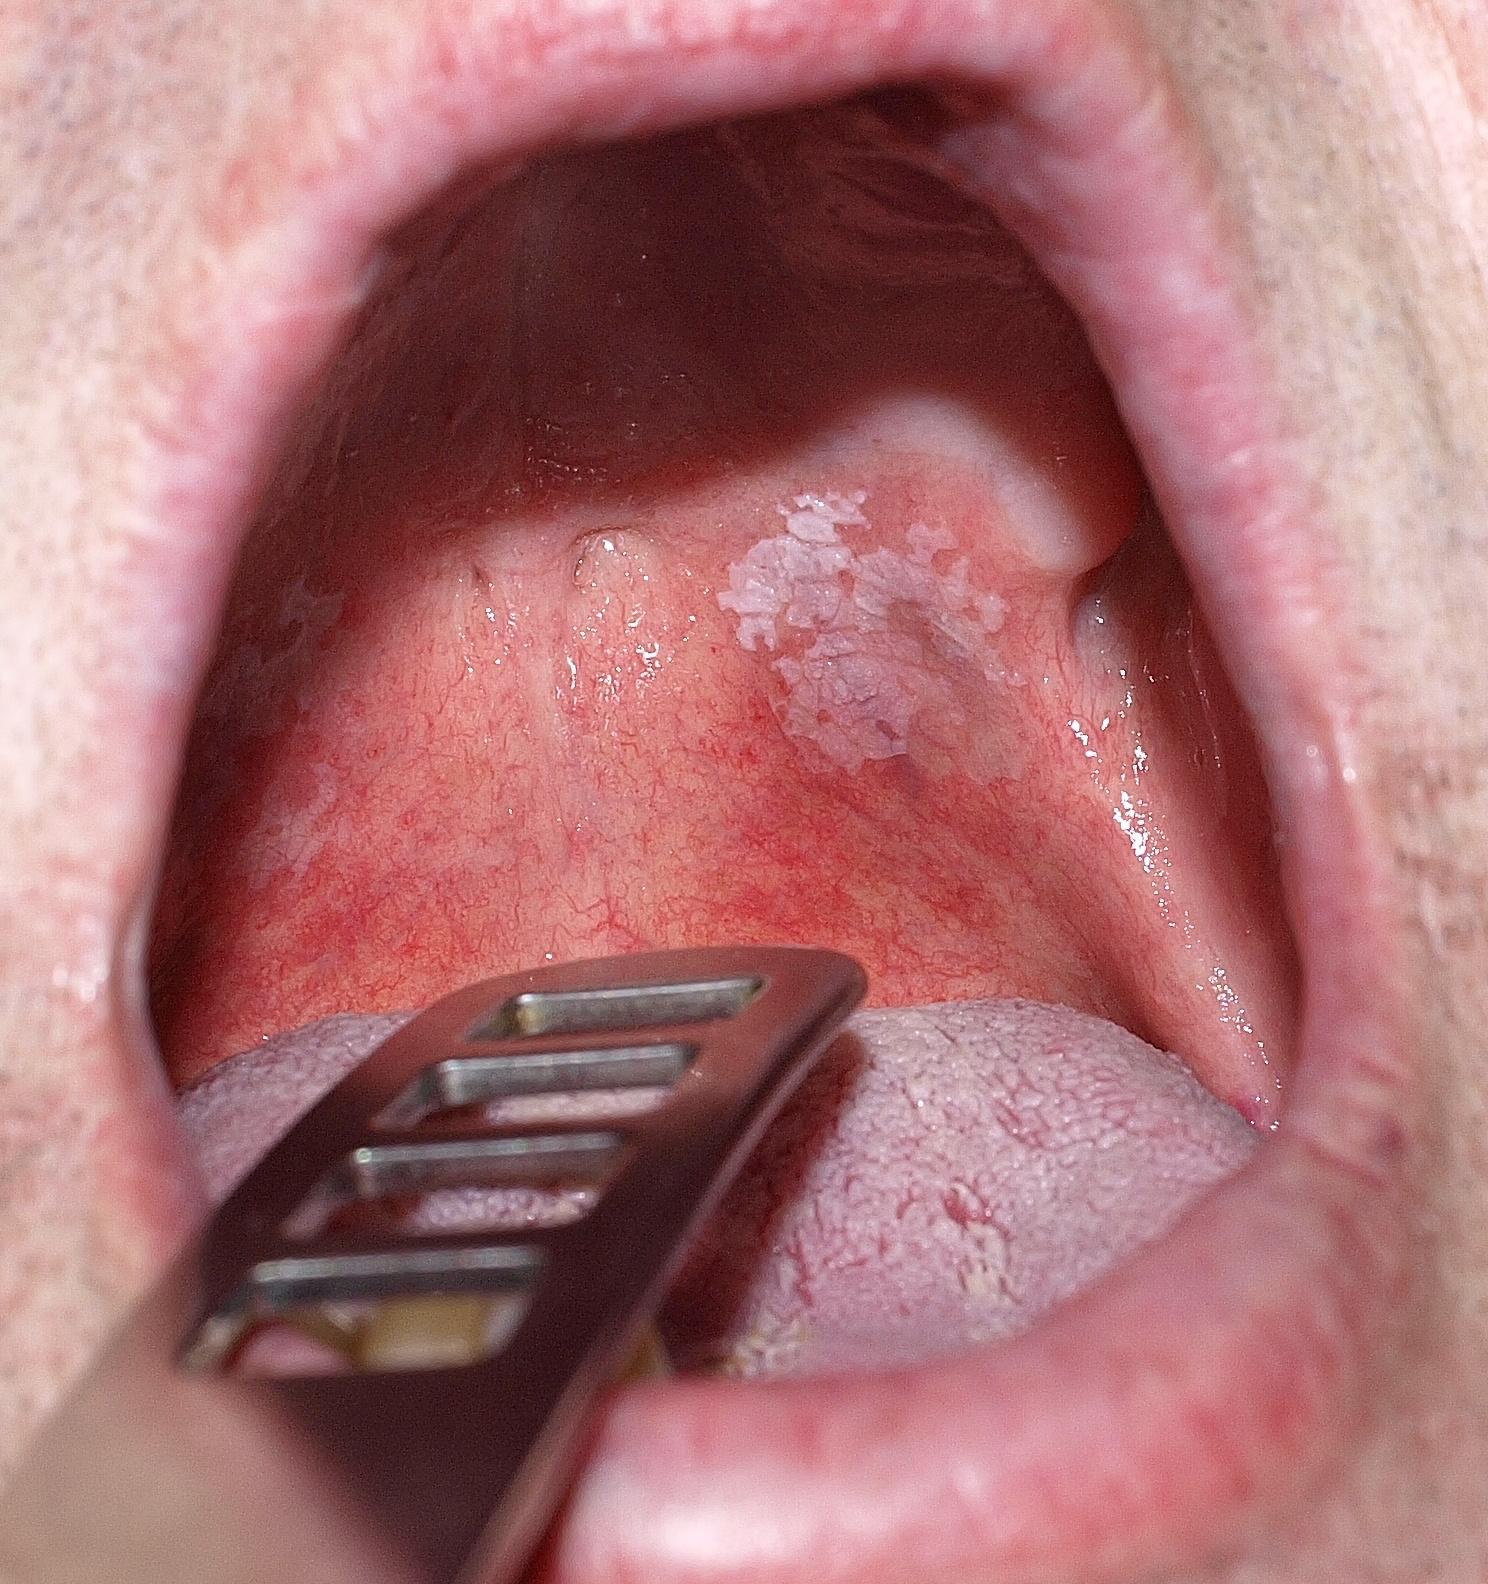 papilloma a szájban, ahol megszűnik